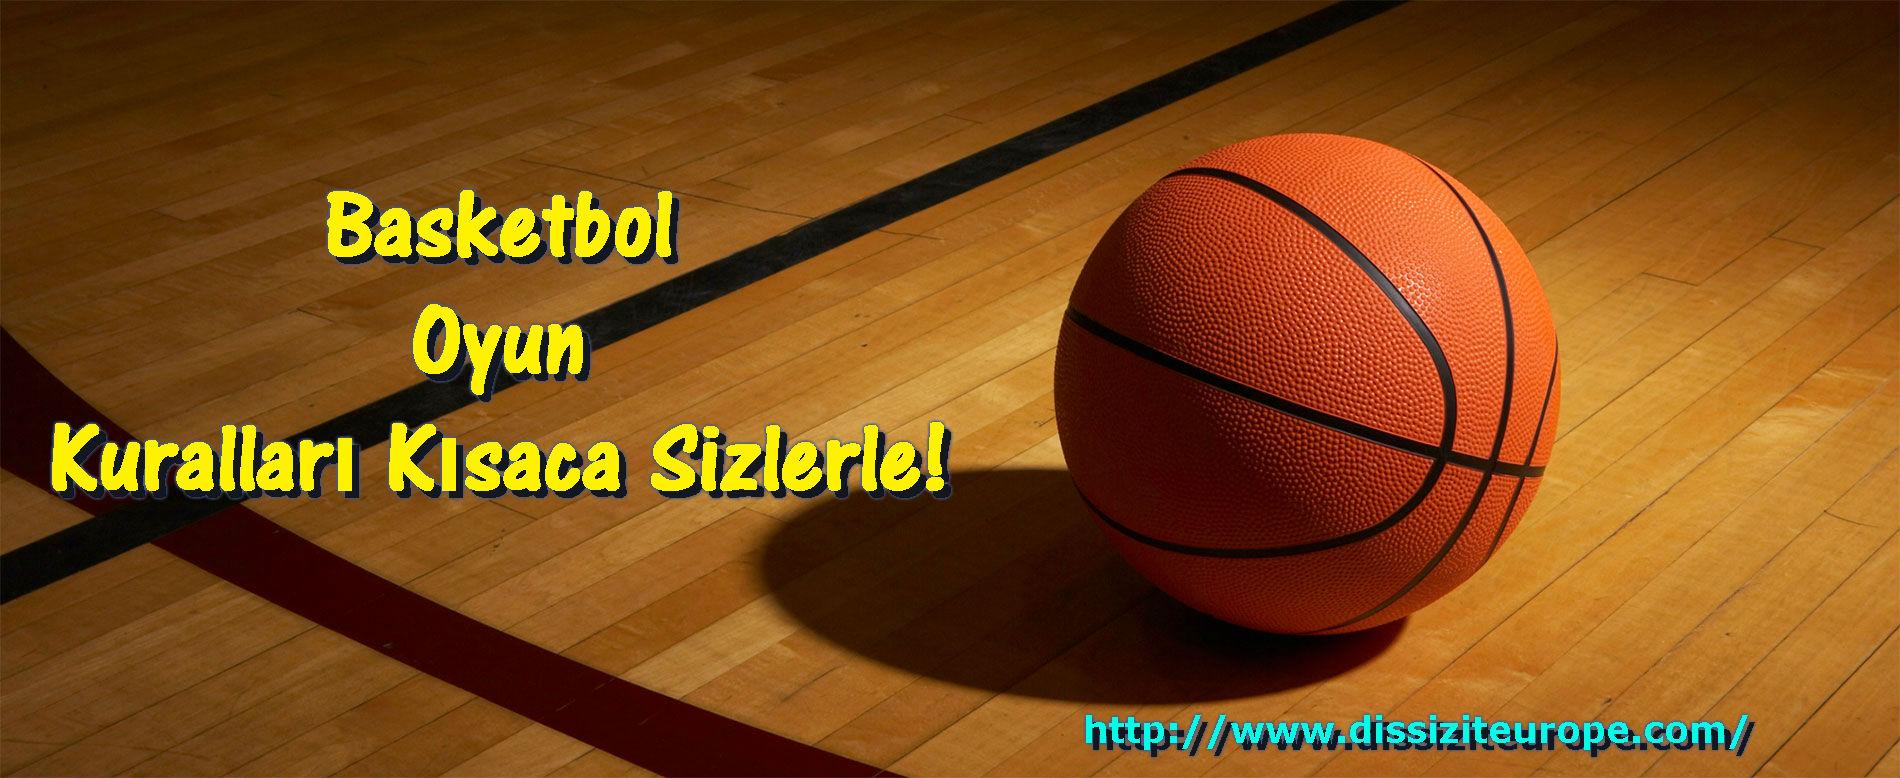 basketbol oyun kuralları kısaca, basketbol hakkında kısa bilgi, basketbol kaç kişiyle oynanır?, basketbol nasıl oynanır?